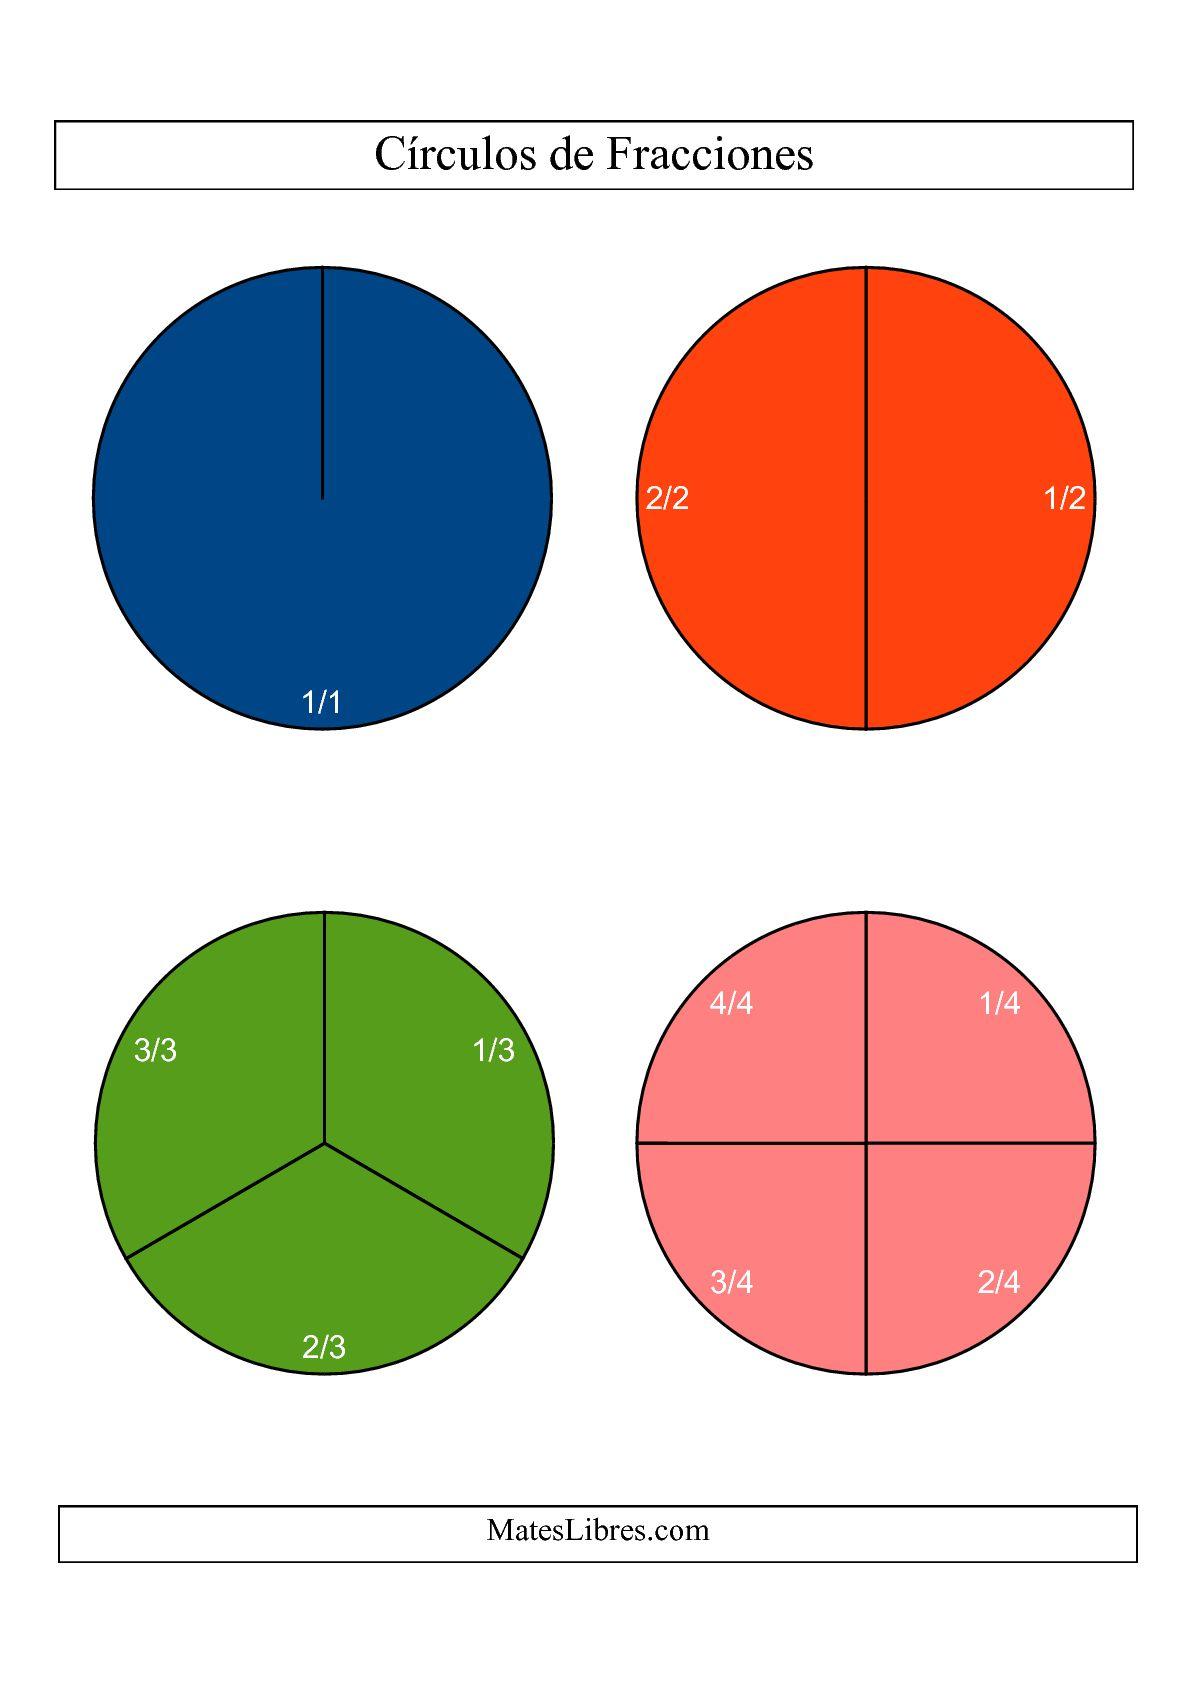 La Círculos de Colores de Fracciones con Etiquetas (Grande) (C) Hoja de Ejercicio de Fracciones